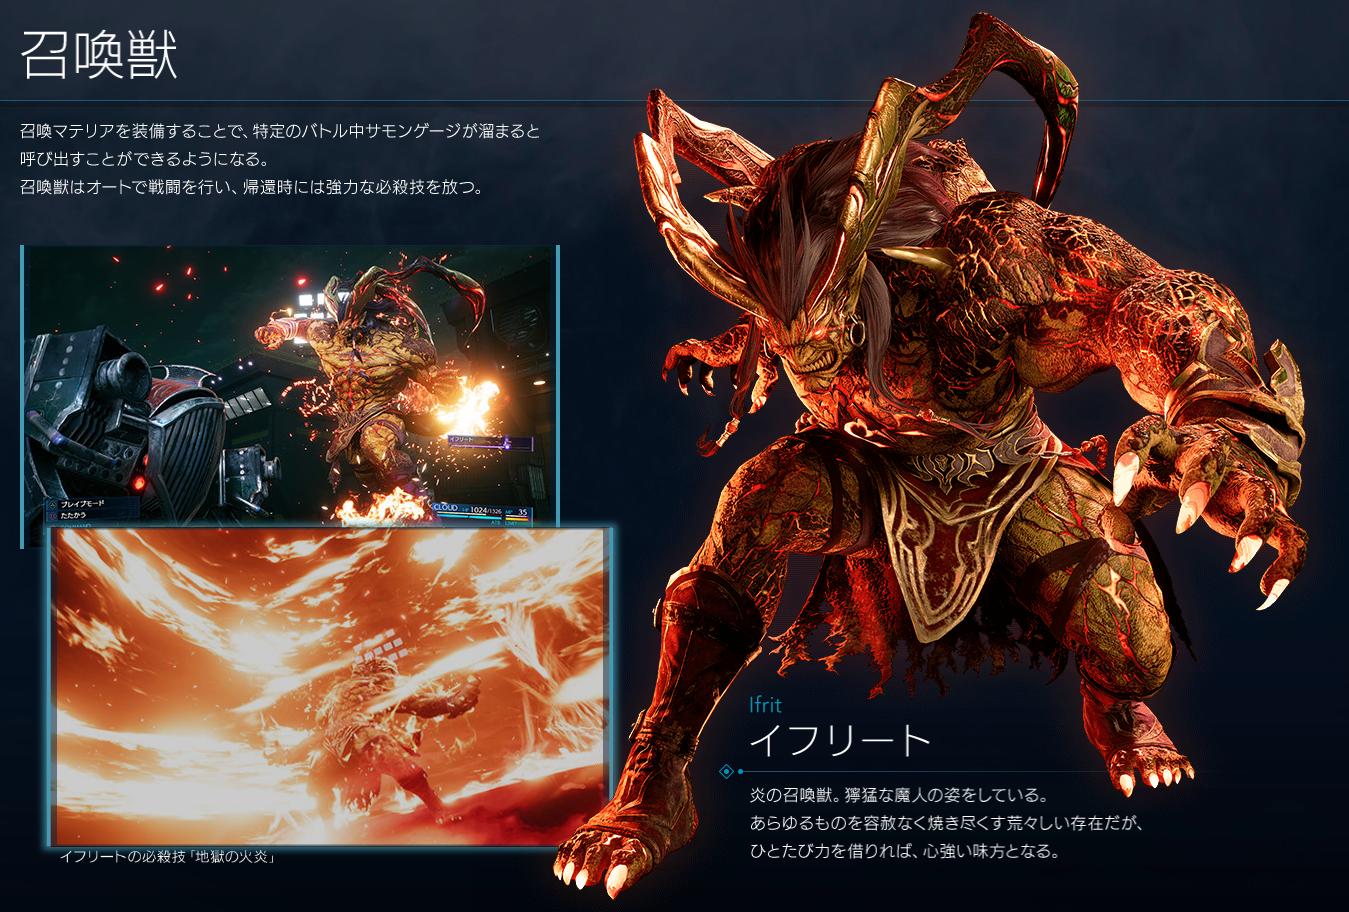 《最终幻想7:重制版》官网更新 蒂法等介绍信息公开